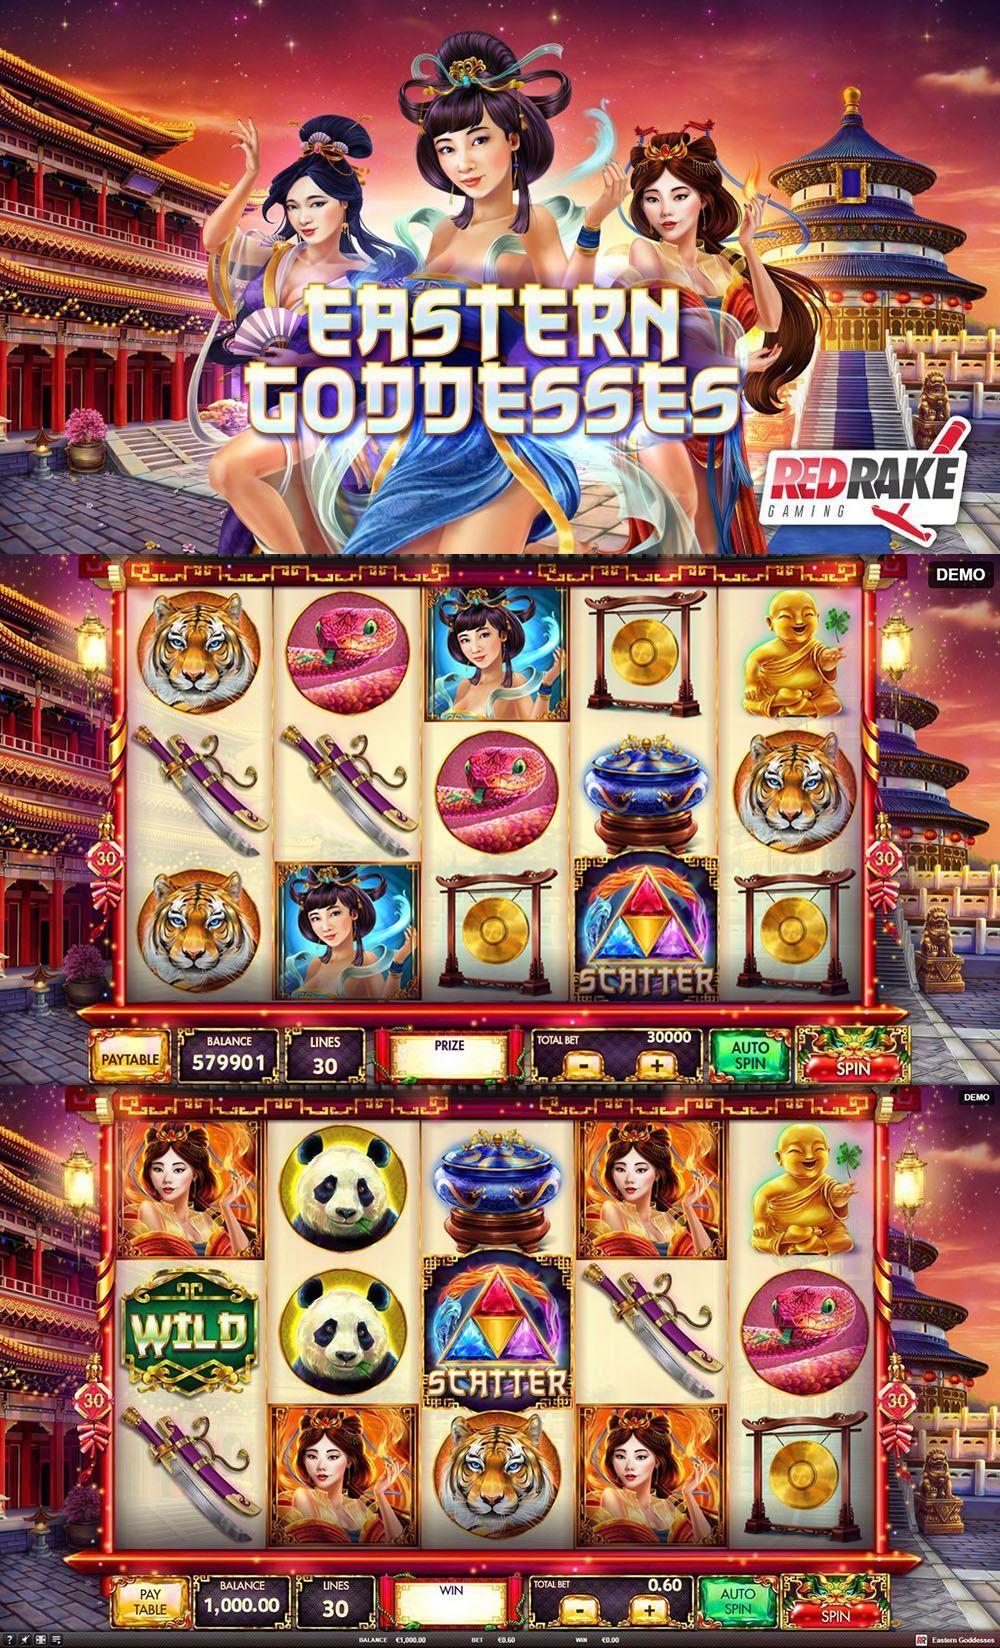 슬롯게임우리카지노m카지노【검증완료】 Video games for kids, Online